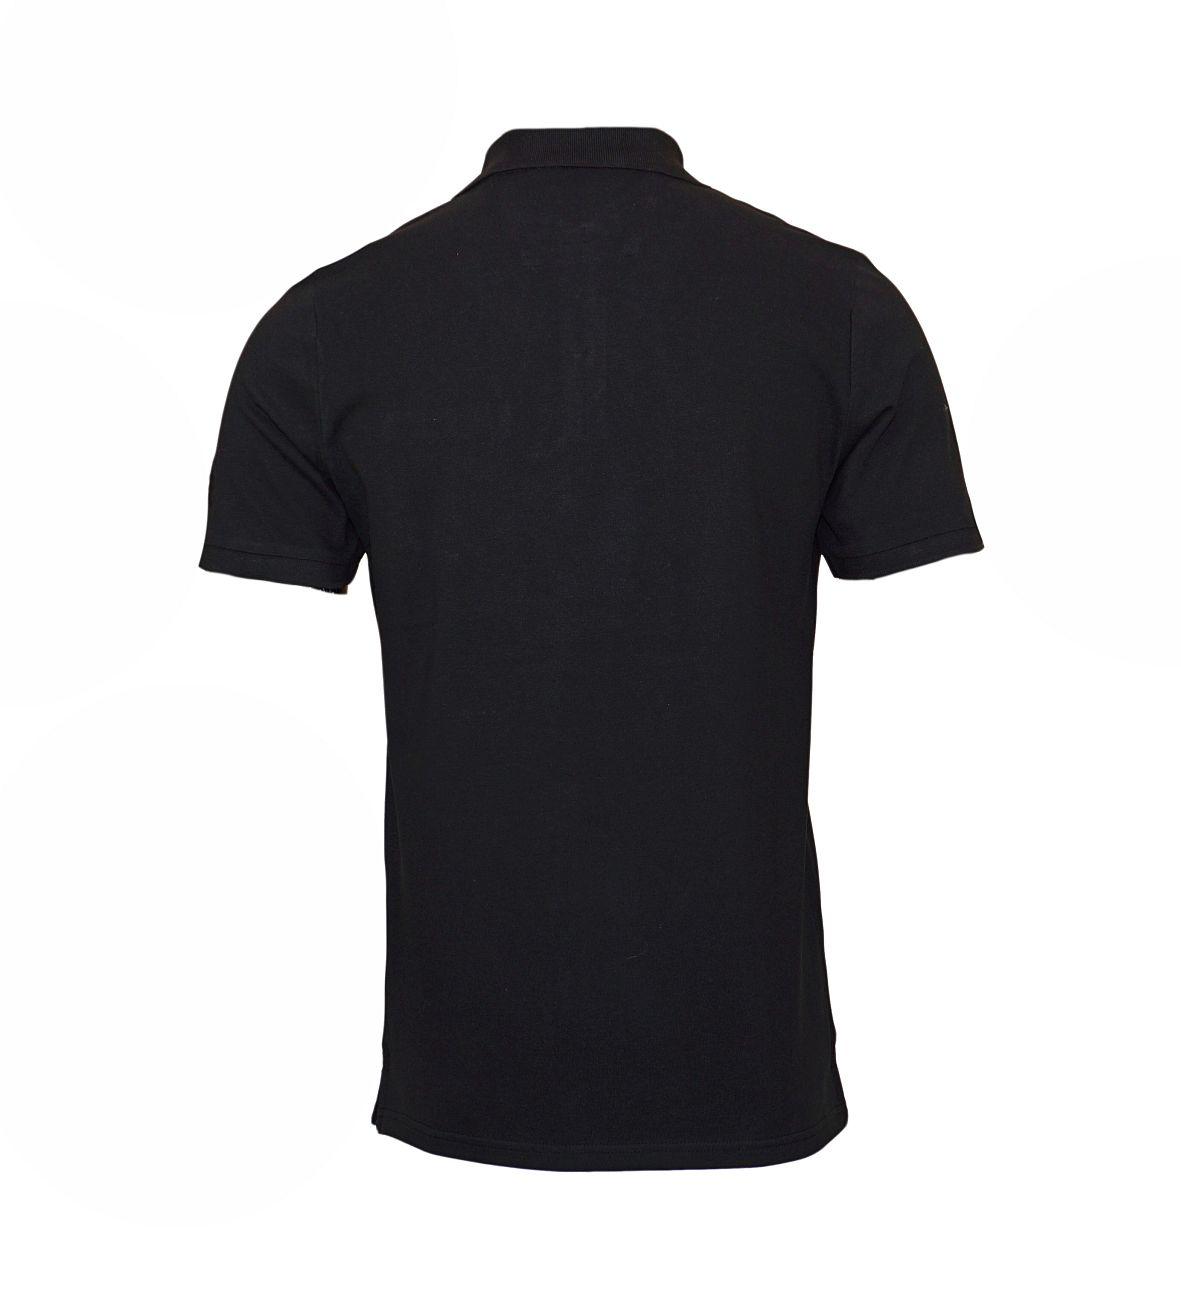 Daniel Hechter Poloshirt Polohemd 75021 181921 990 schwarz F18-DHP1